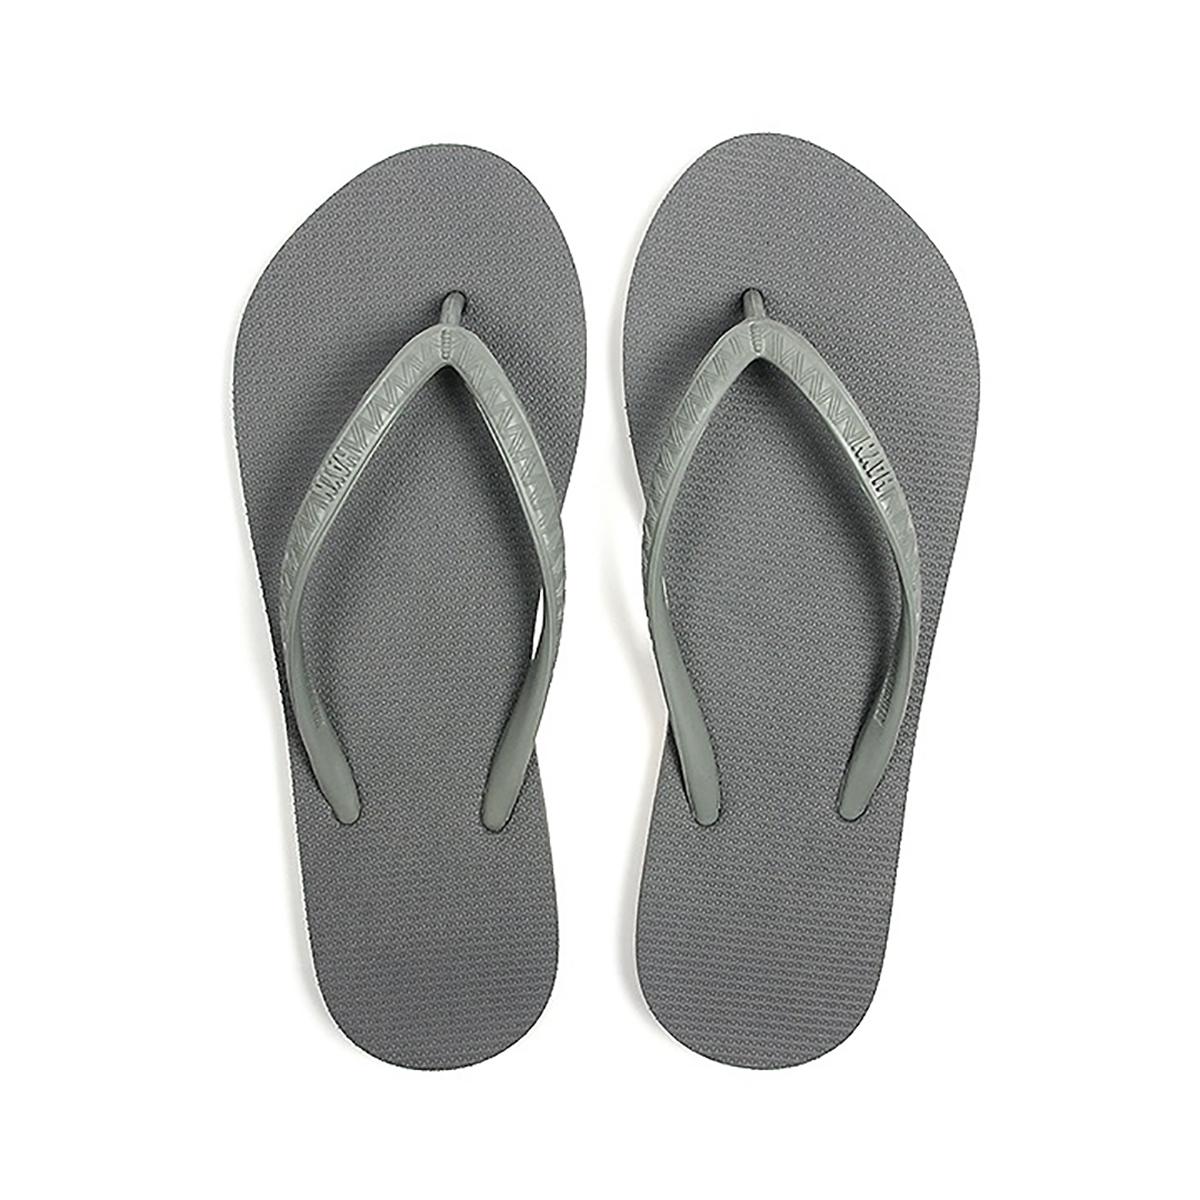 ハワイ生まれのLOHASなビーチサンダル|TONAL (WOMEN) Mako | 足も心も気持ちいい、ハワイ生まれのビーチサンダル